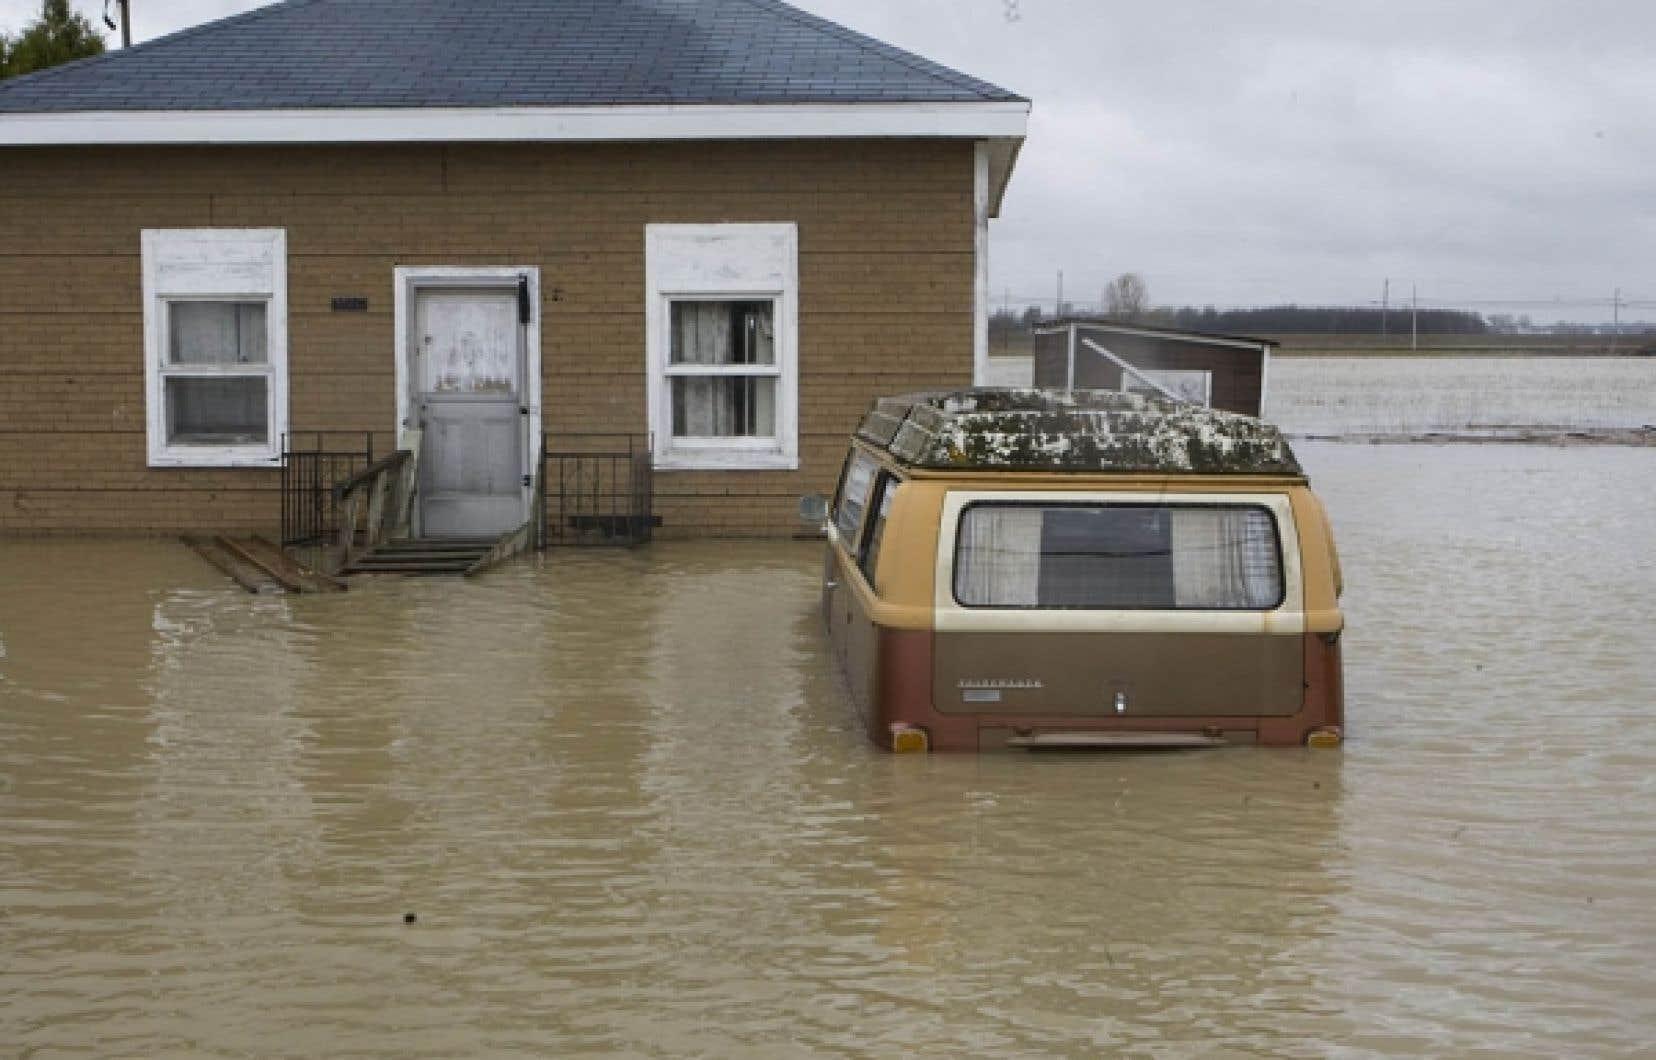 Les dommages auraient sans doute été nettement moins importants si l'on avait limité au strict minimum le développement en zone inondable. <br />